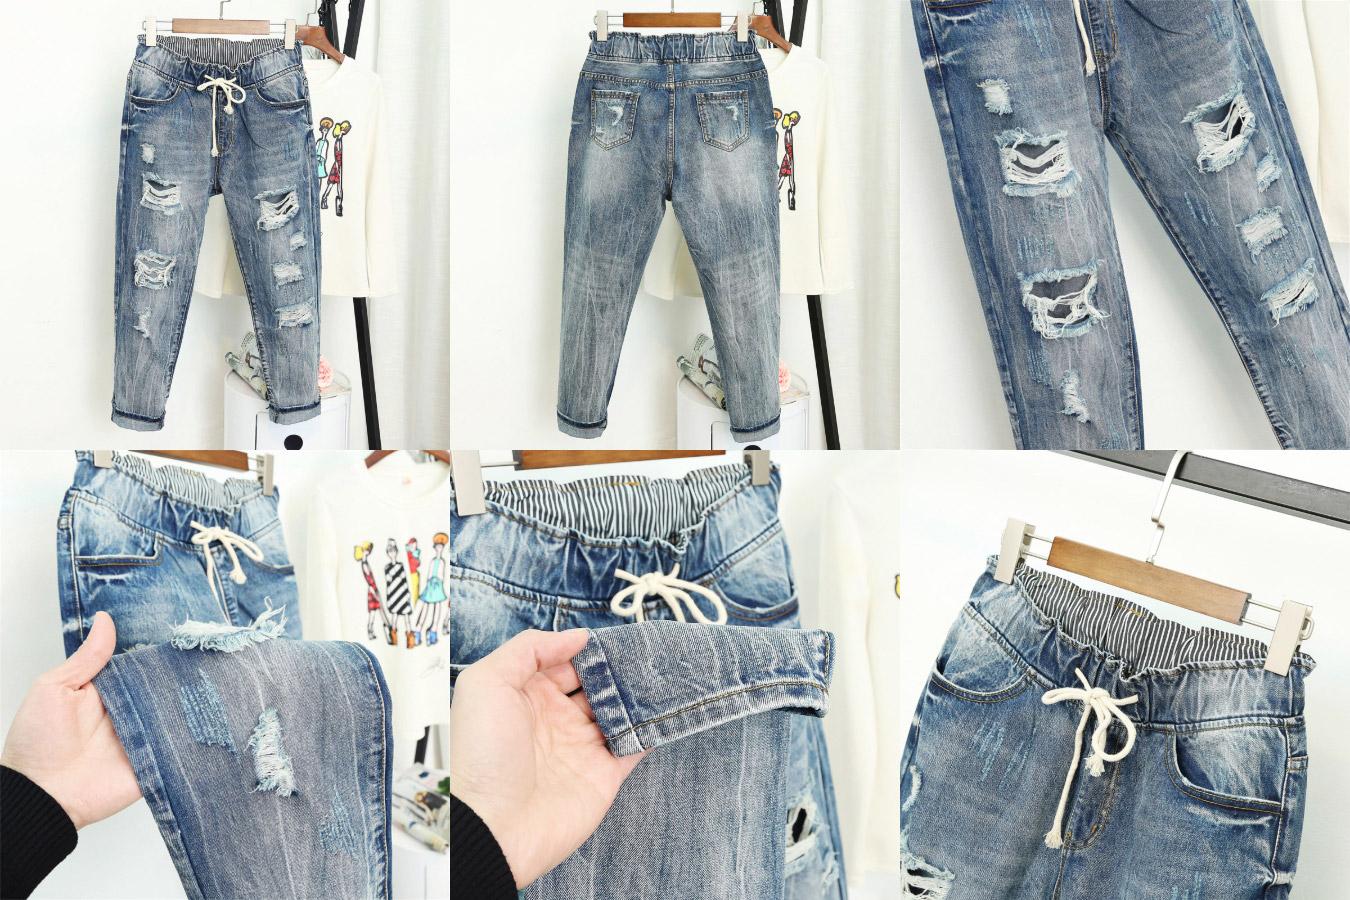 Рваные джинсы для дерзких девчонок